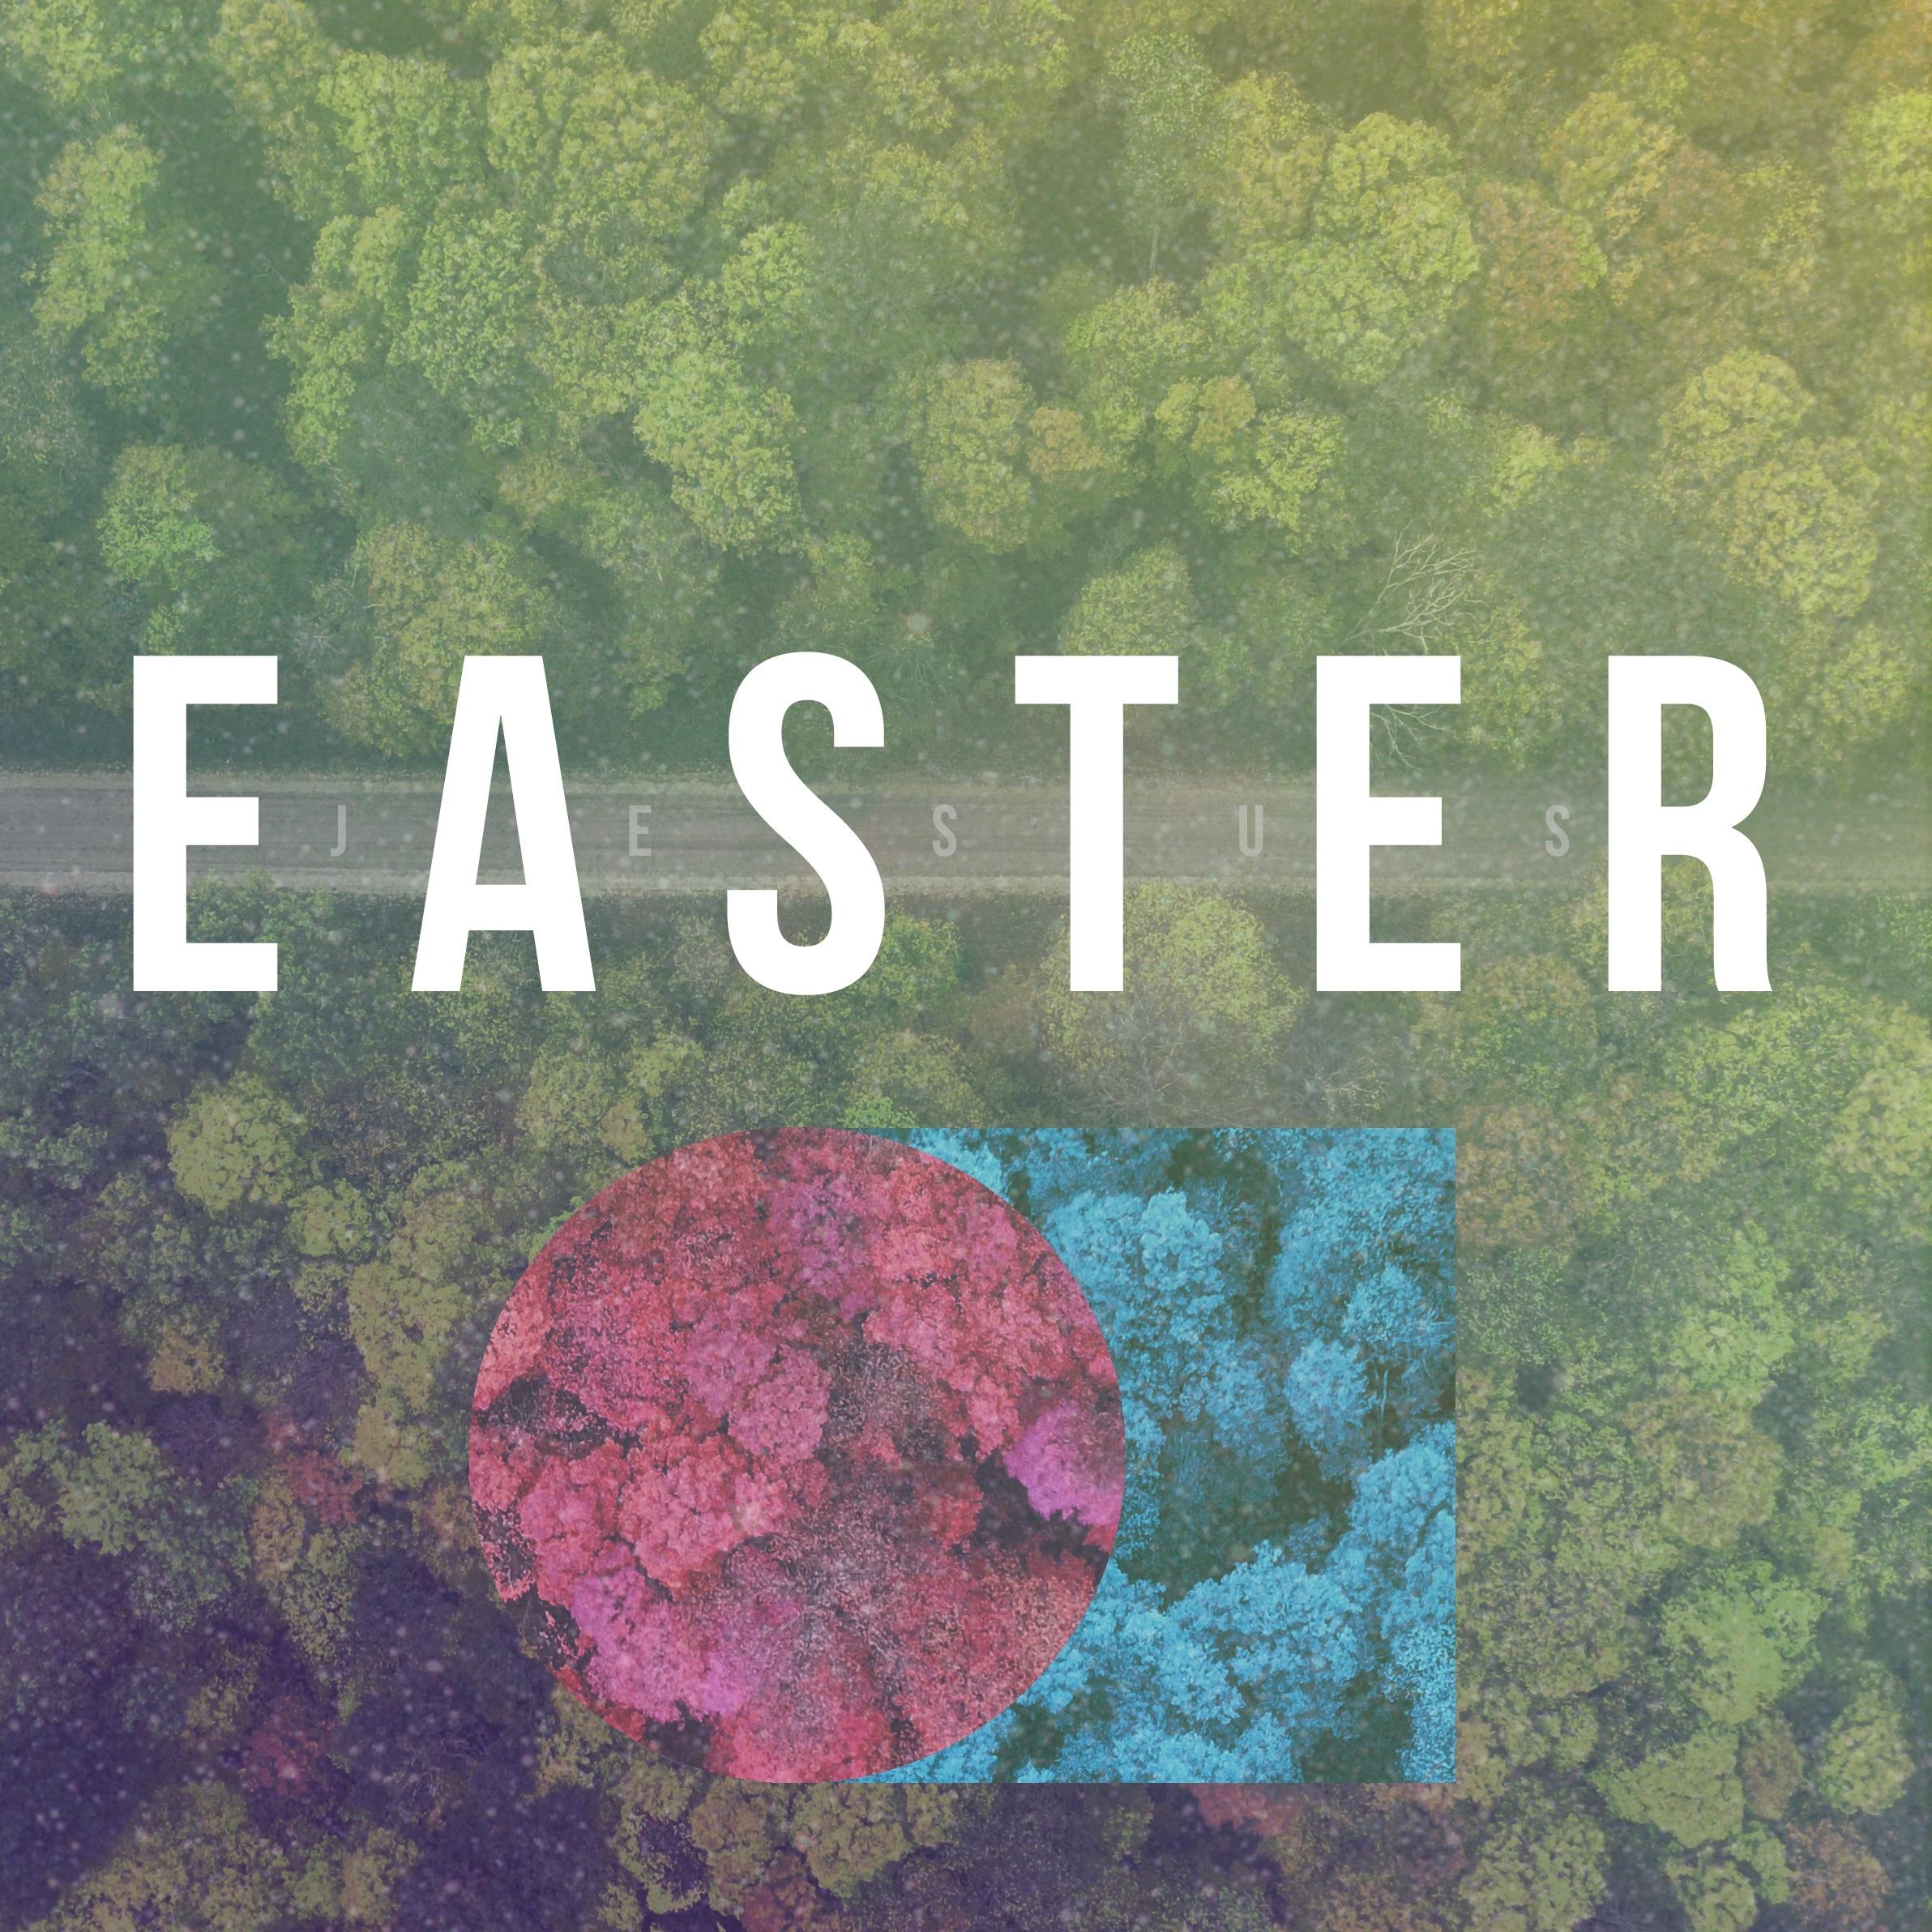 Easter2018_Outdoor_board_portrait1.jpg